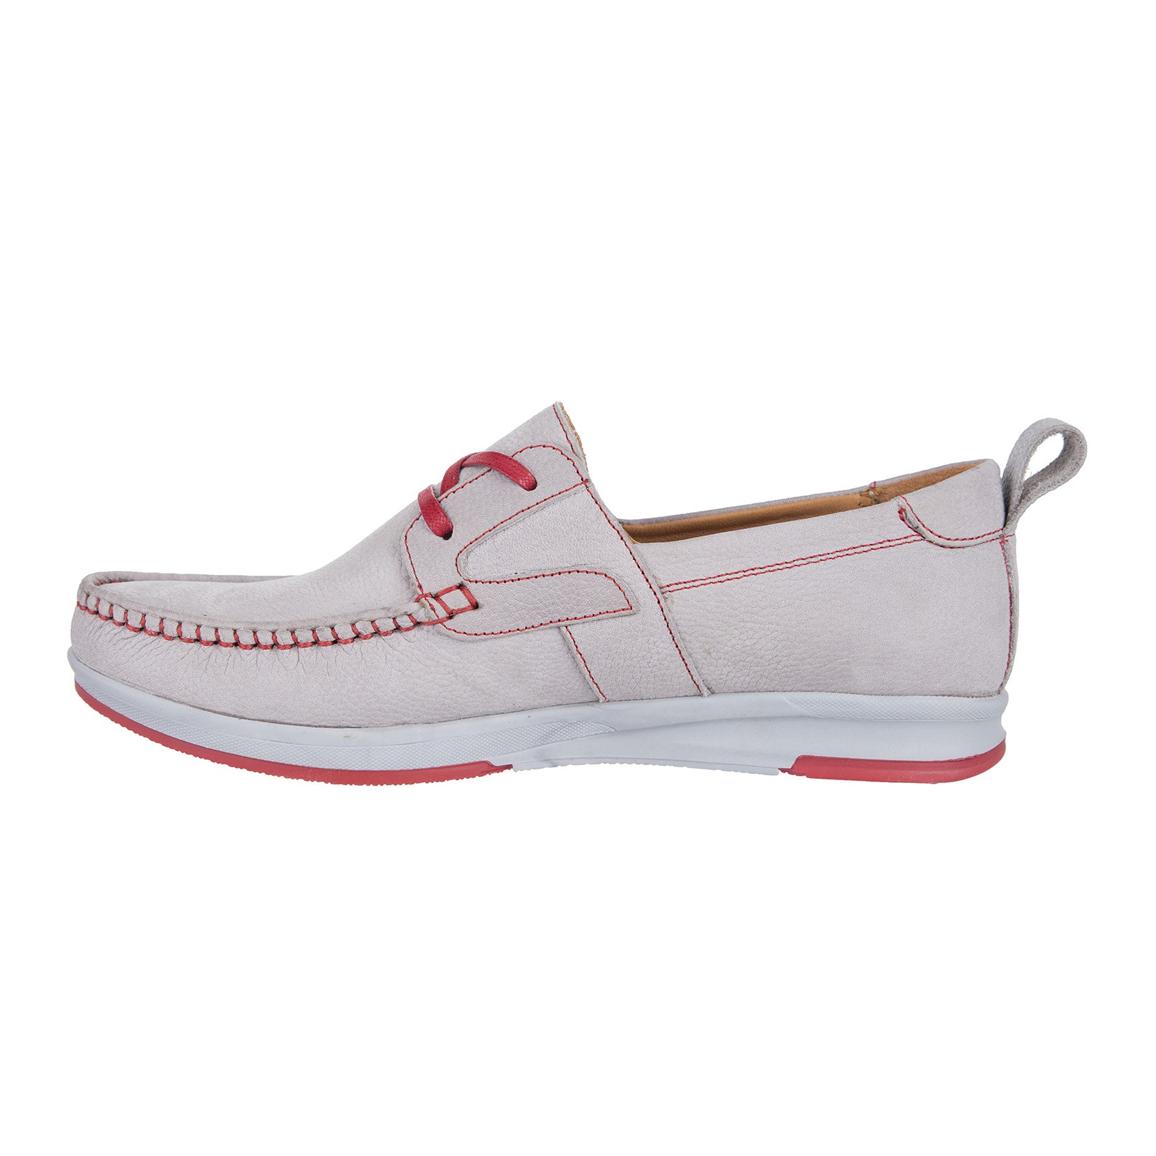 خرید کفش زنانه برتونیکس مدل 385-20